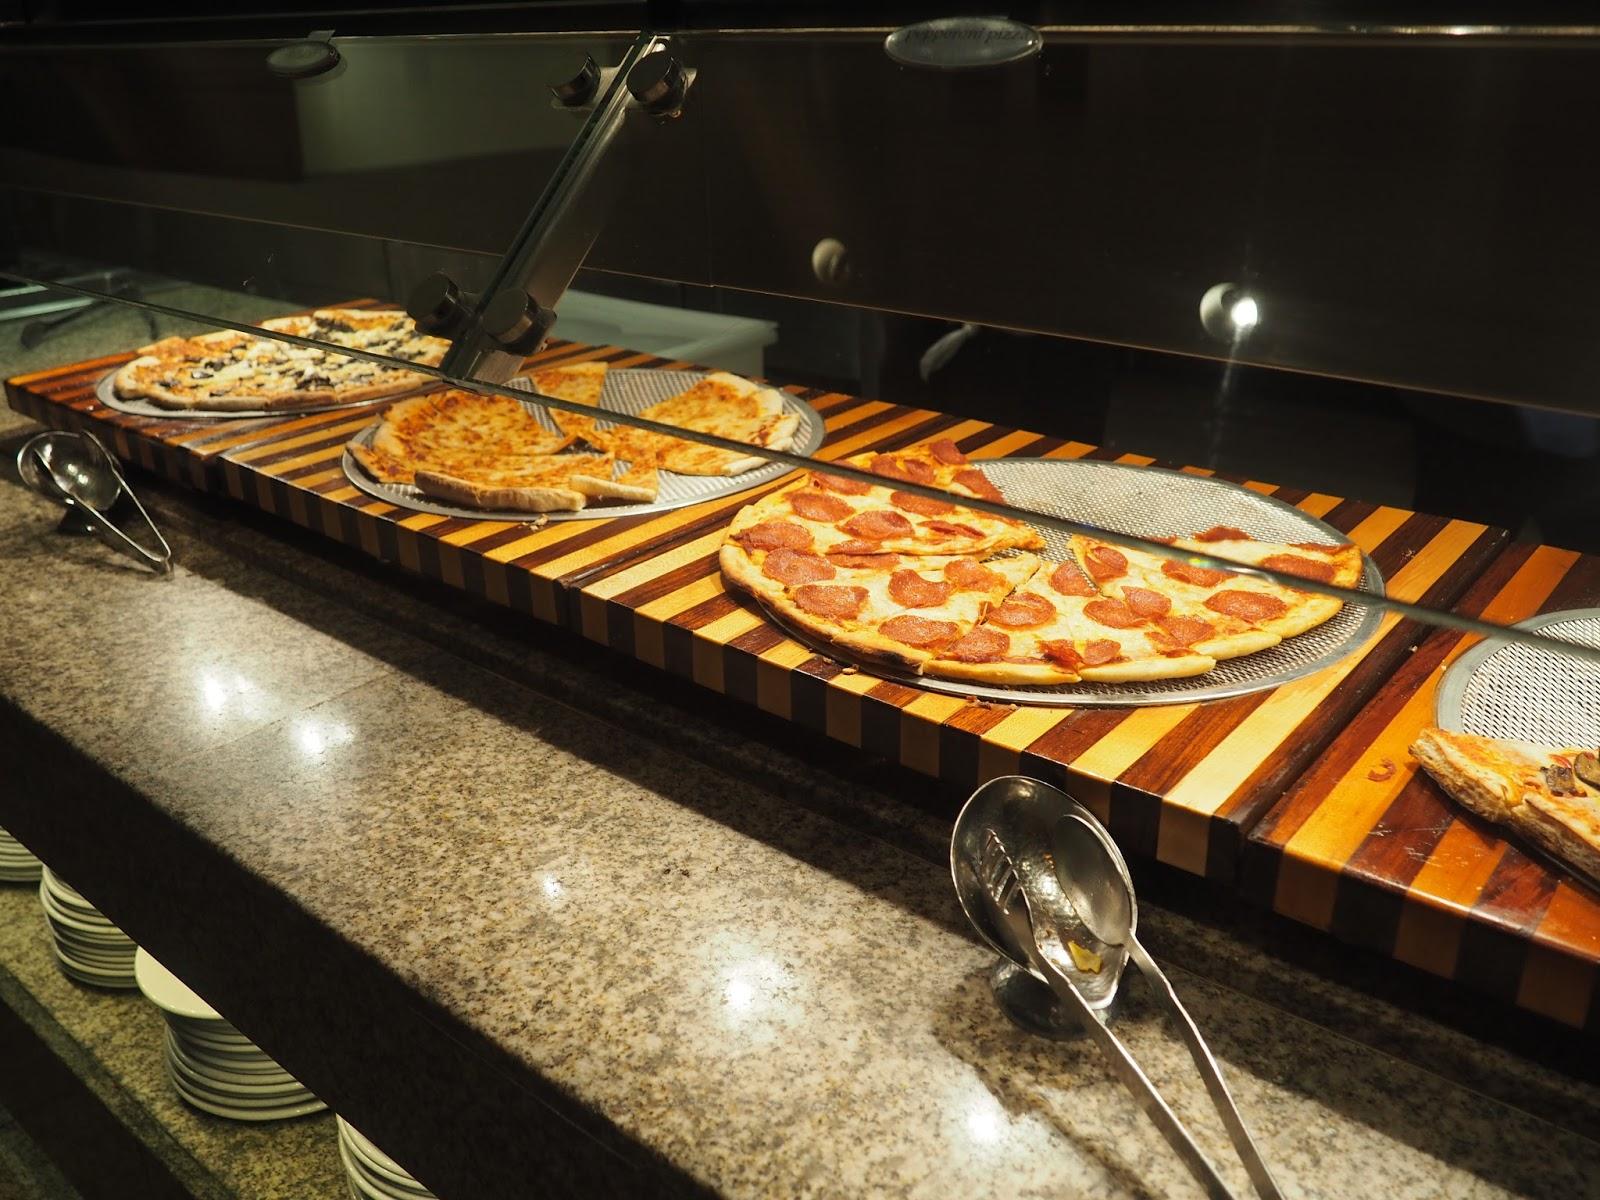 Pizza at Baachanal Buffet at Caesar's Palace, Las Vegas